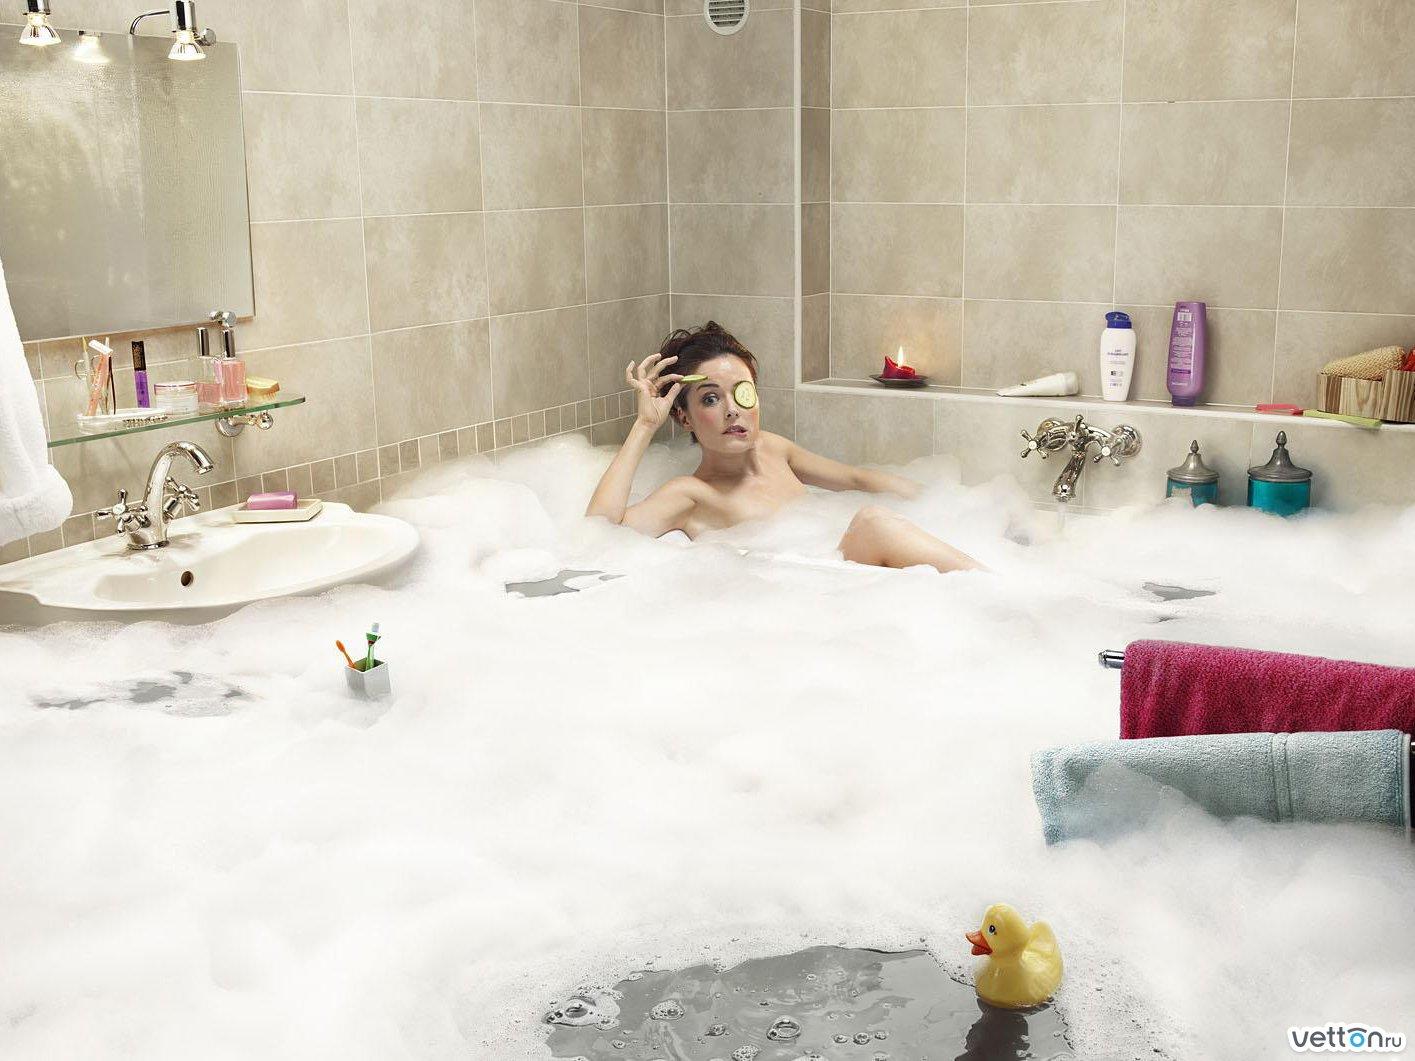 Гидроизоляция ванной. Никто никуда не плывет!